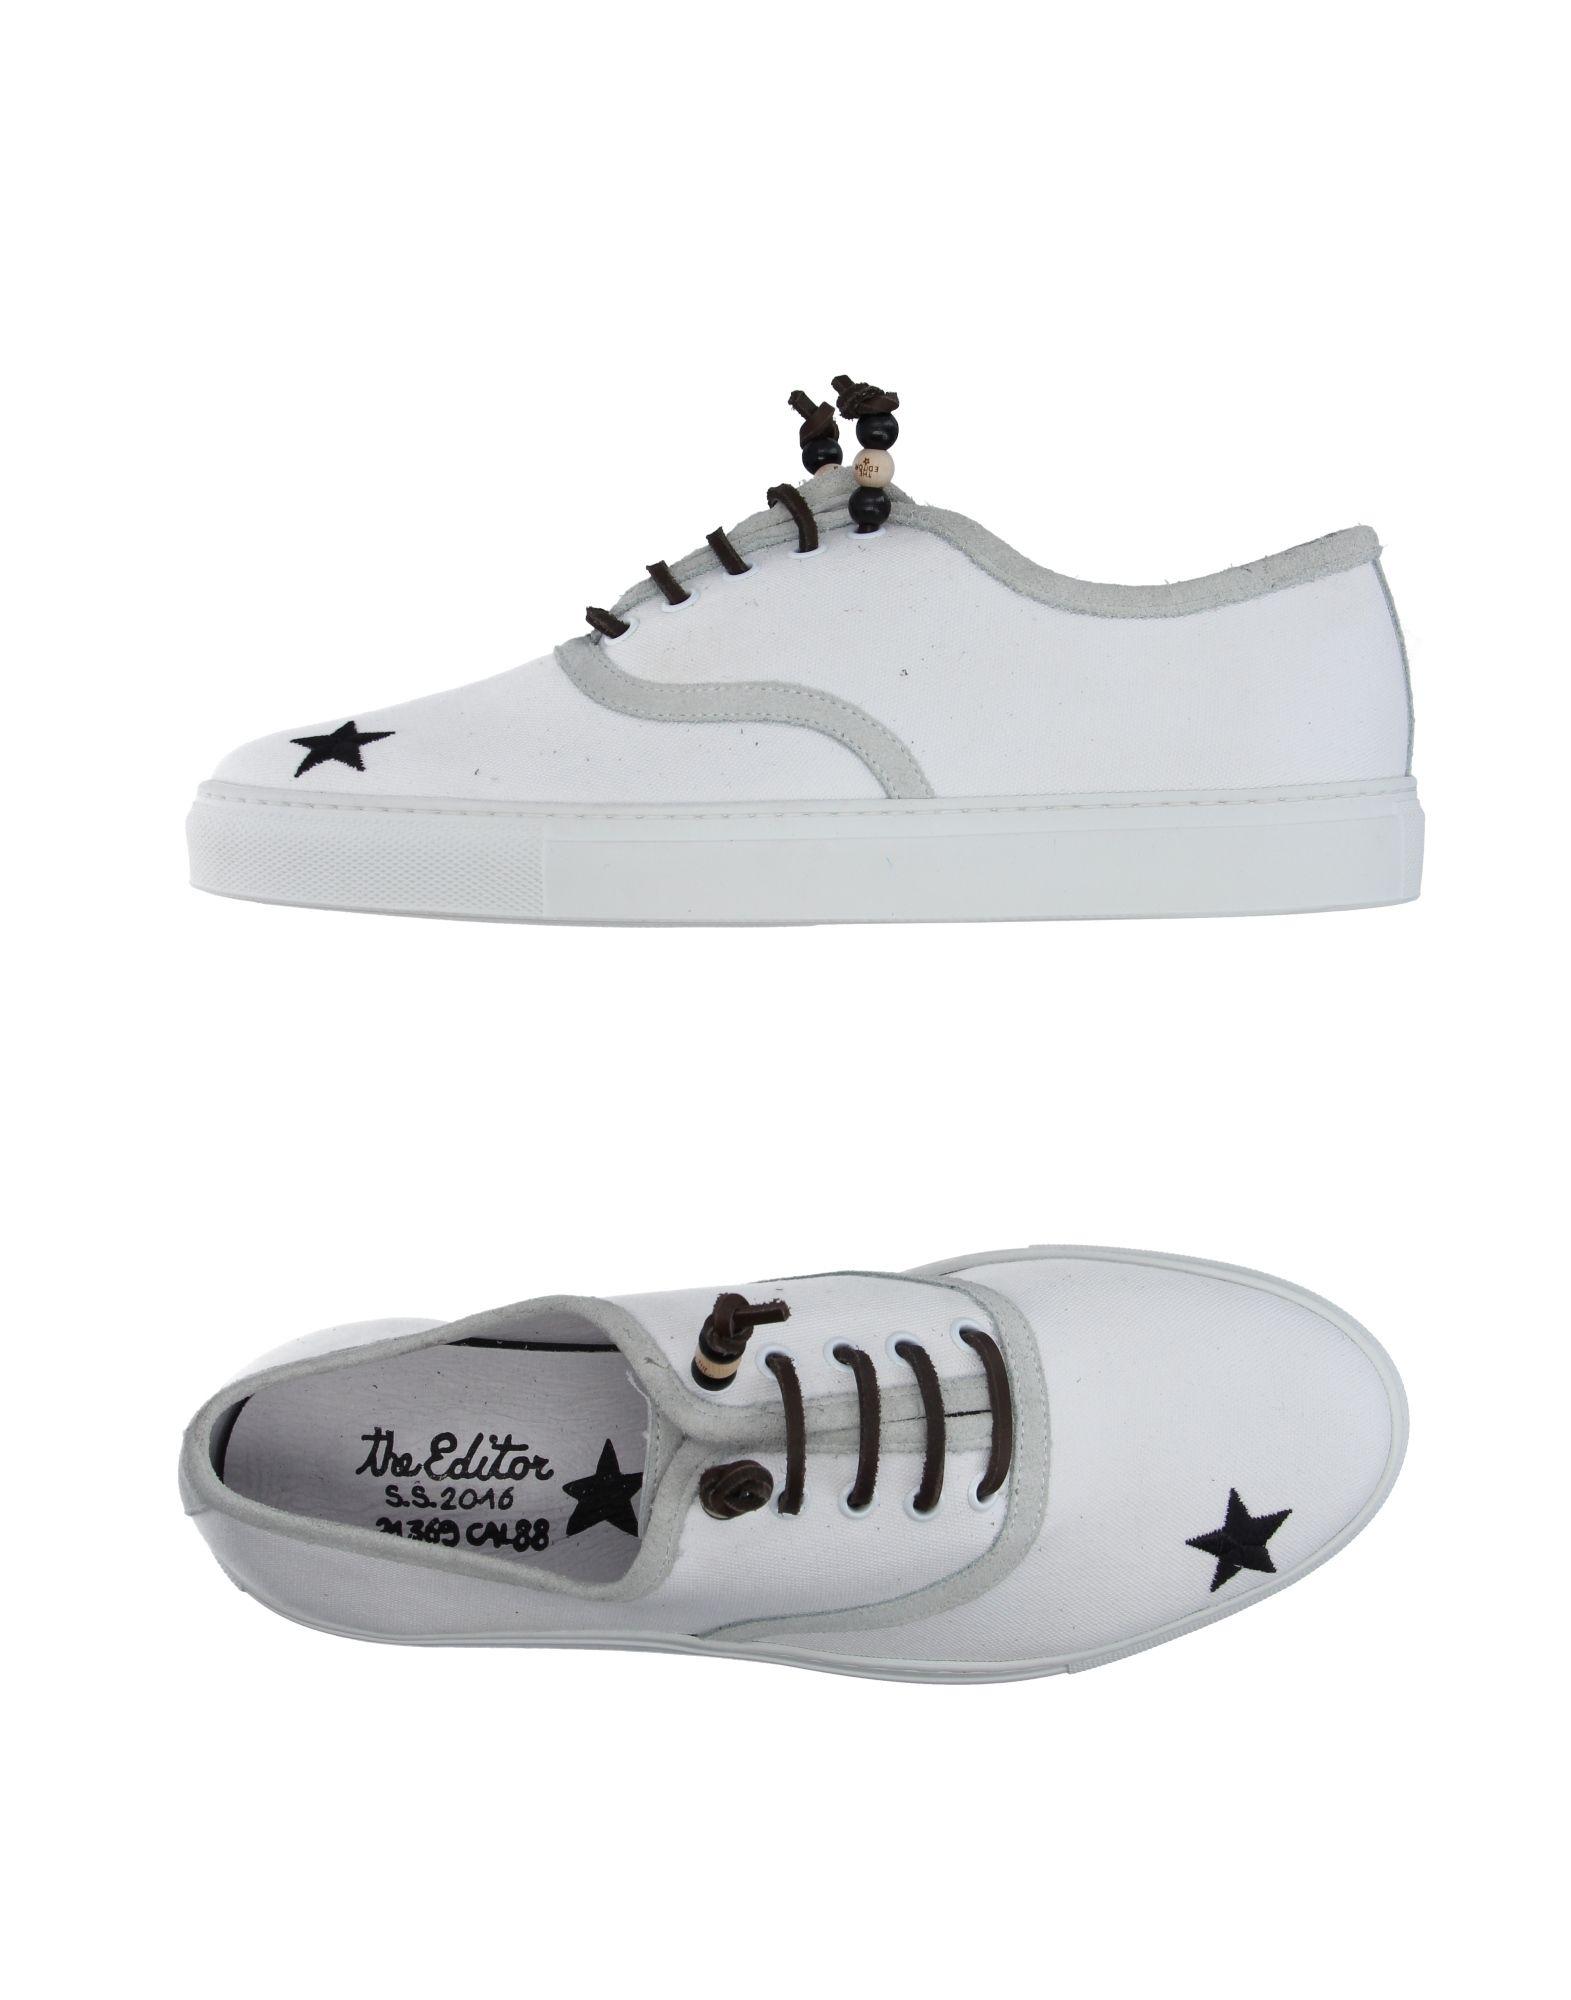 Rabatt echte Schuhe The Editor Sneakers Herren  11183591IH